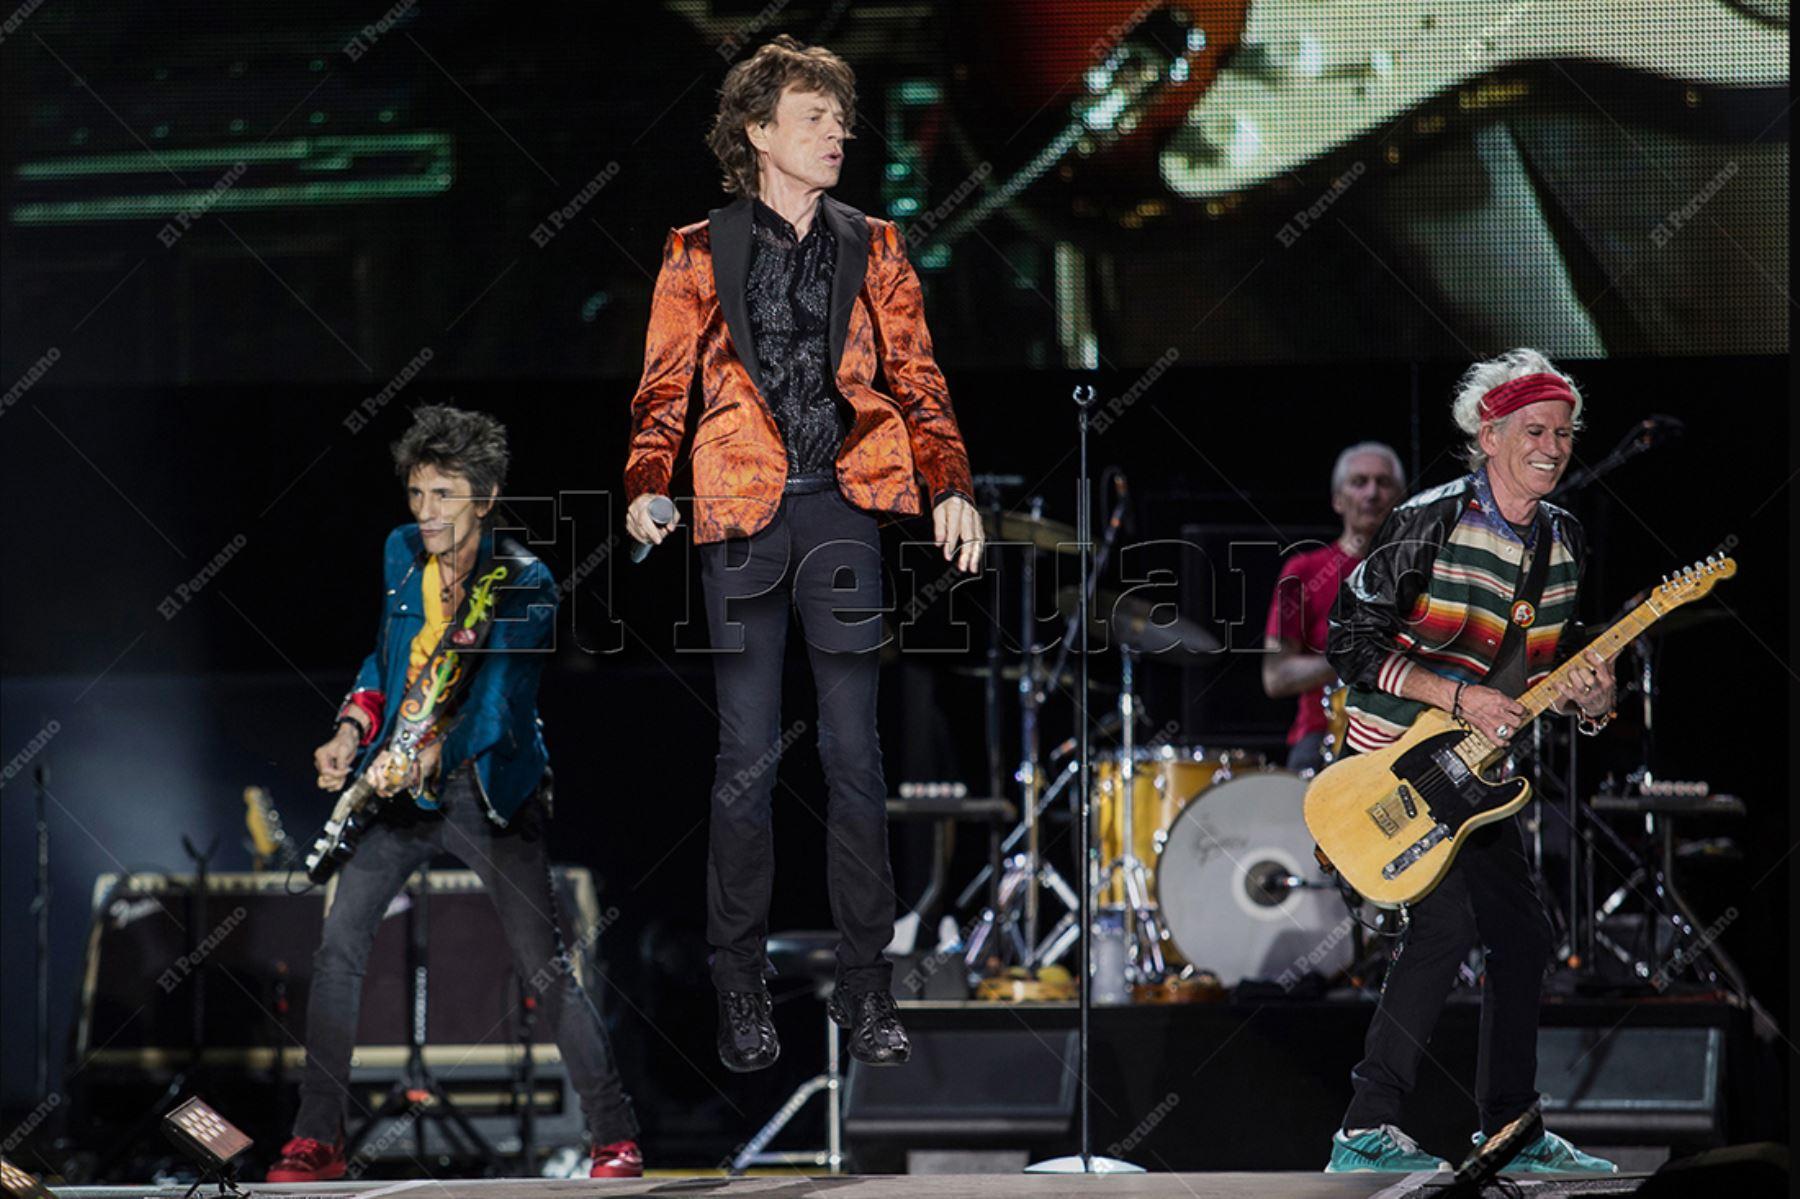 Lima - 6 marzo 2016 / La legendaria banda Rolling Stones con su líder Mick Jagger  en  su concierto en el Estadio Monumental de Lima, presentación esperada por sus fanáticos peruanos durante varias décadas. Foto: Diario El Peruano / Carlos Lezama